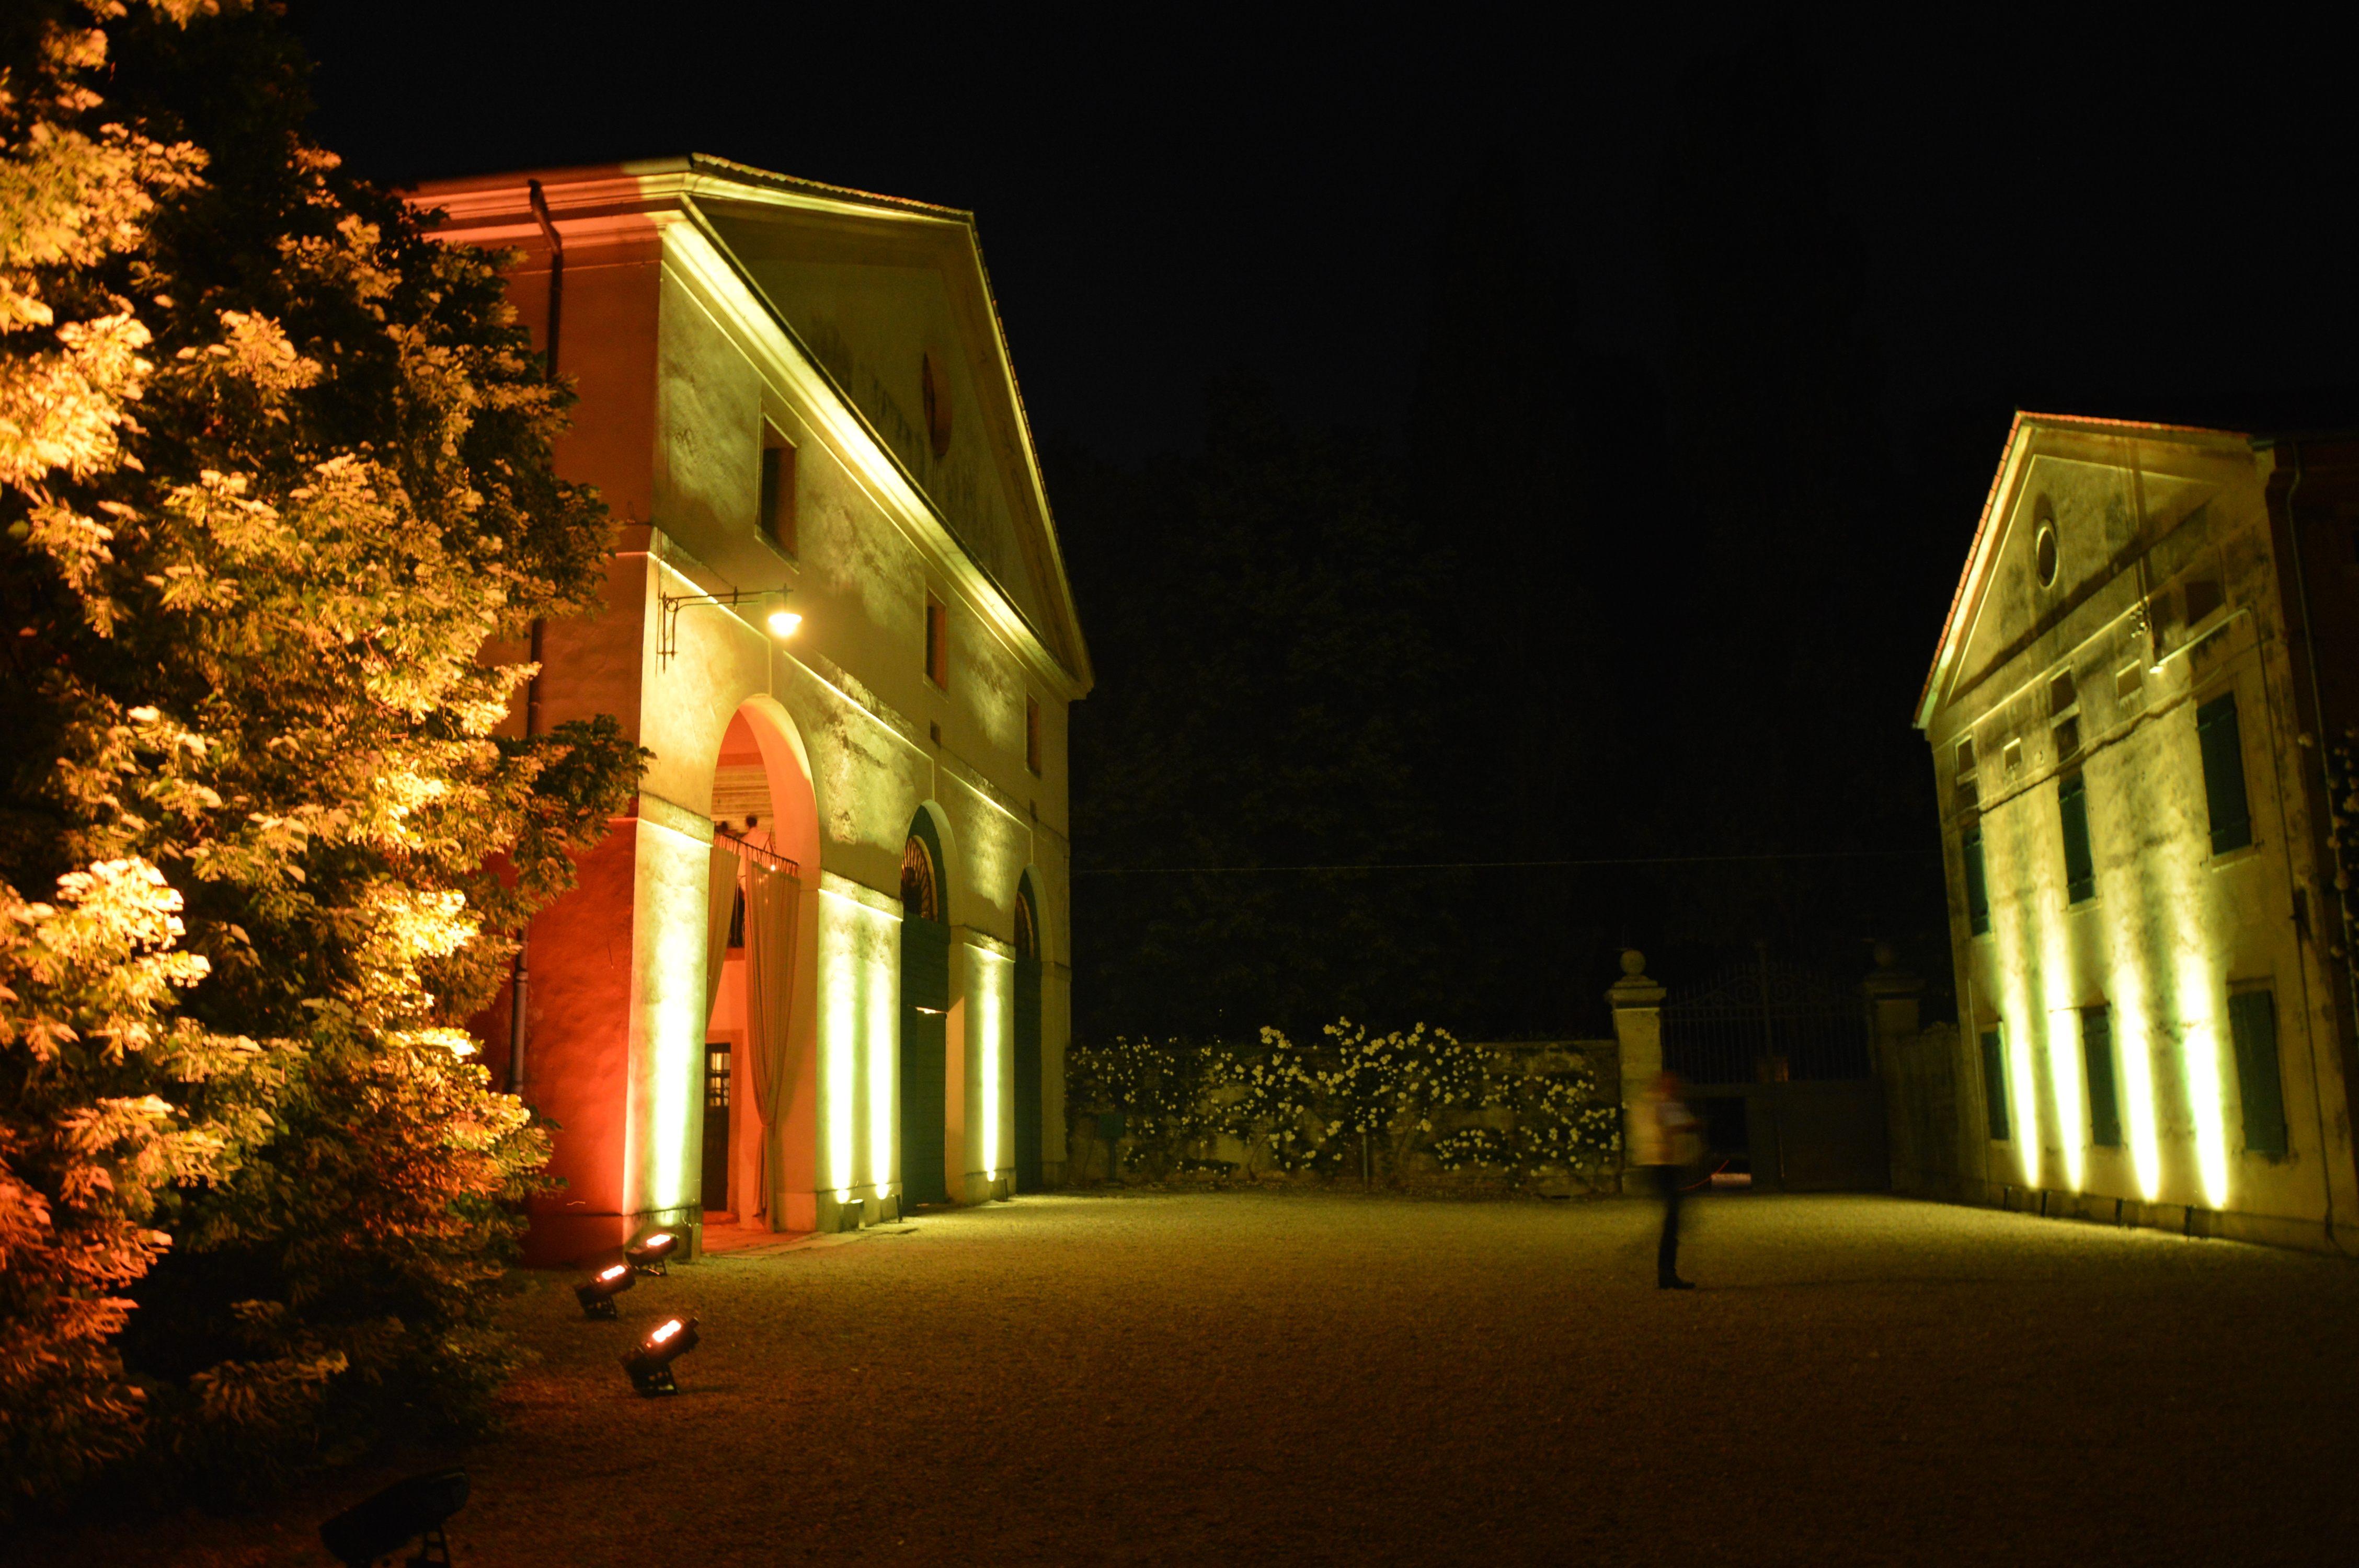 Illuminazione Esterna Villa Moderna : Illuminazione architetturale esterna archivi luxury events